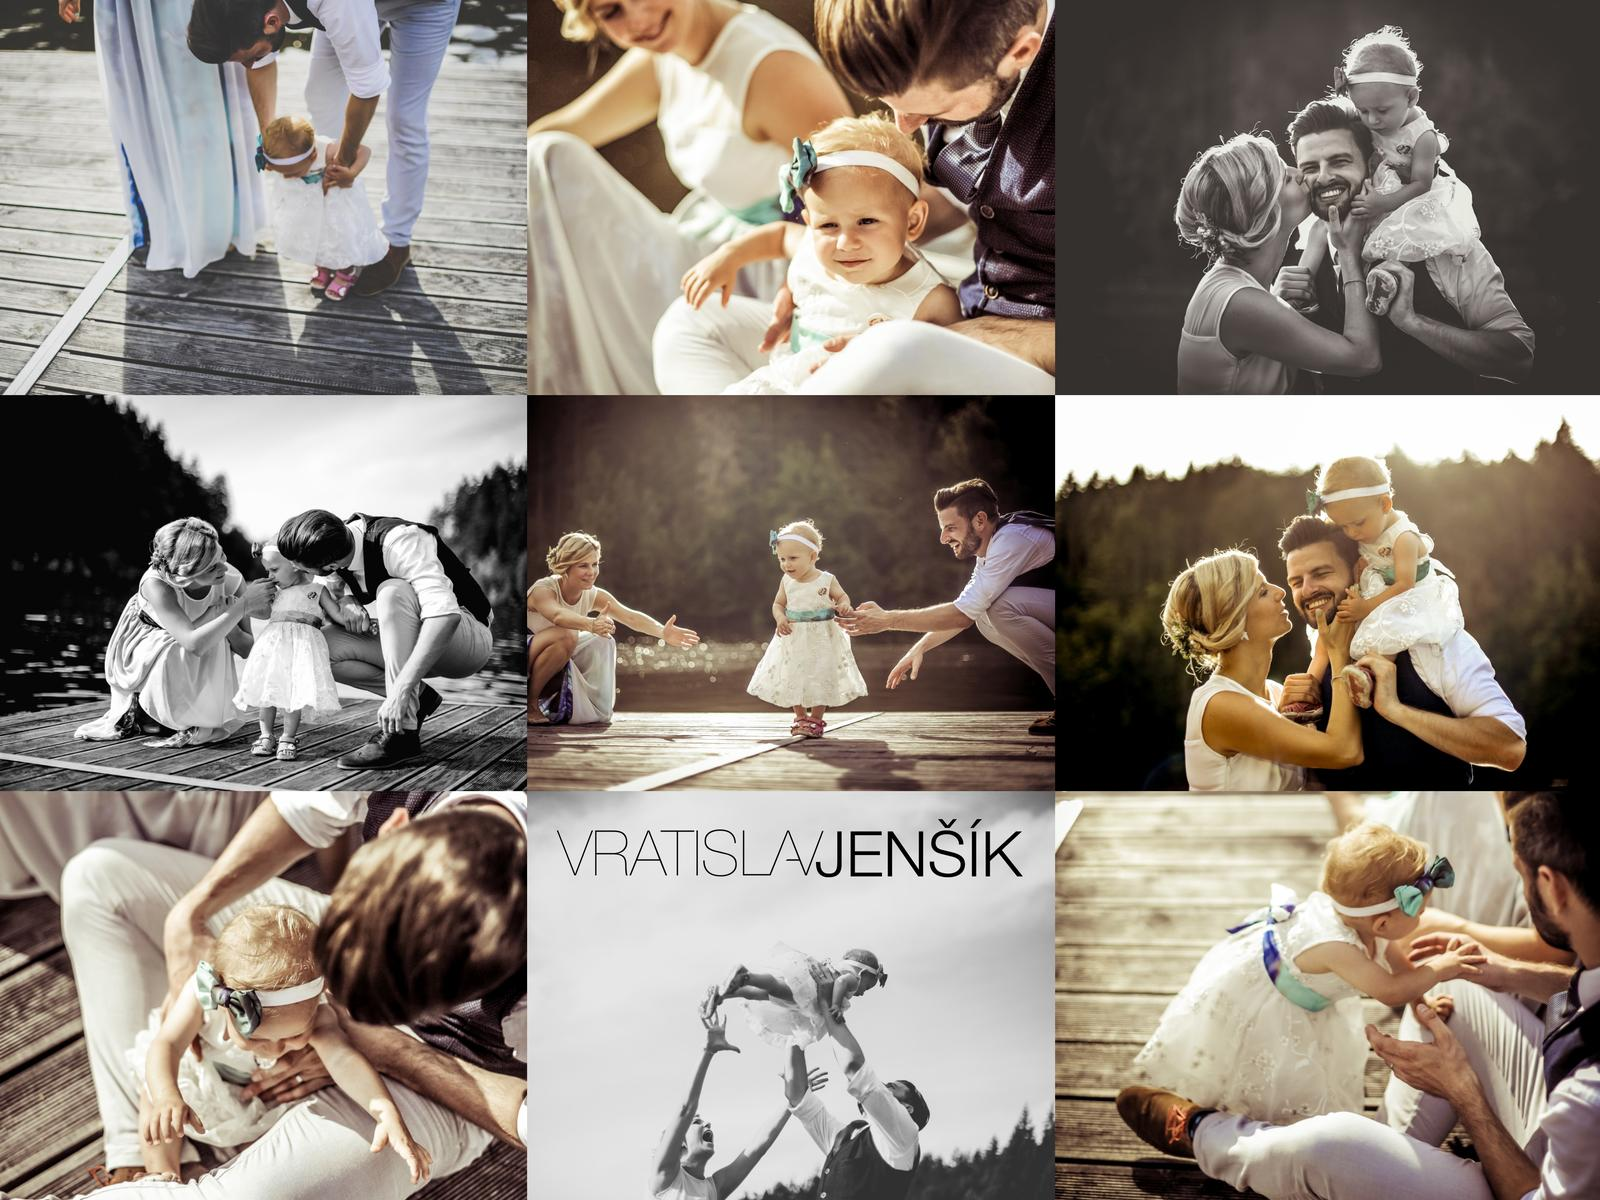 jensik - Obrázek č. 41